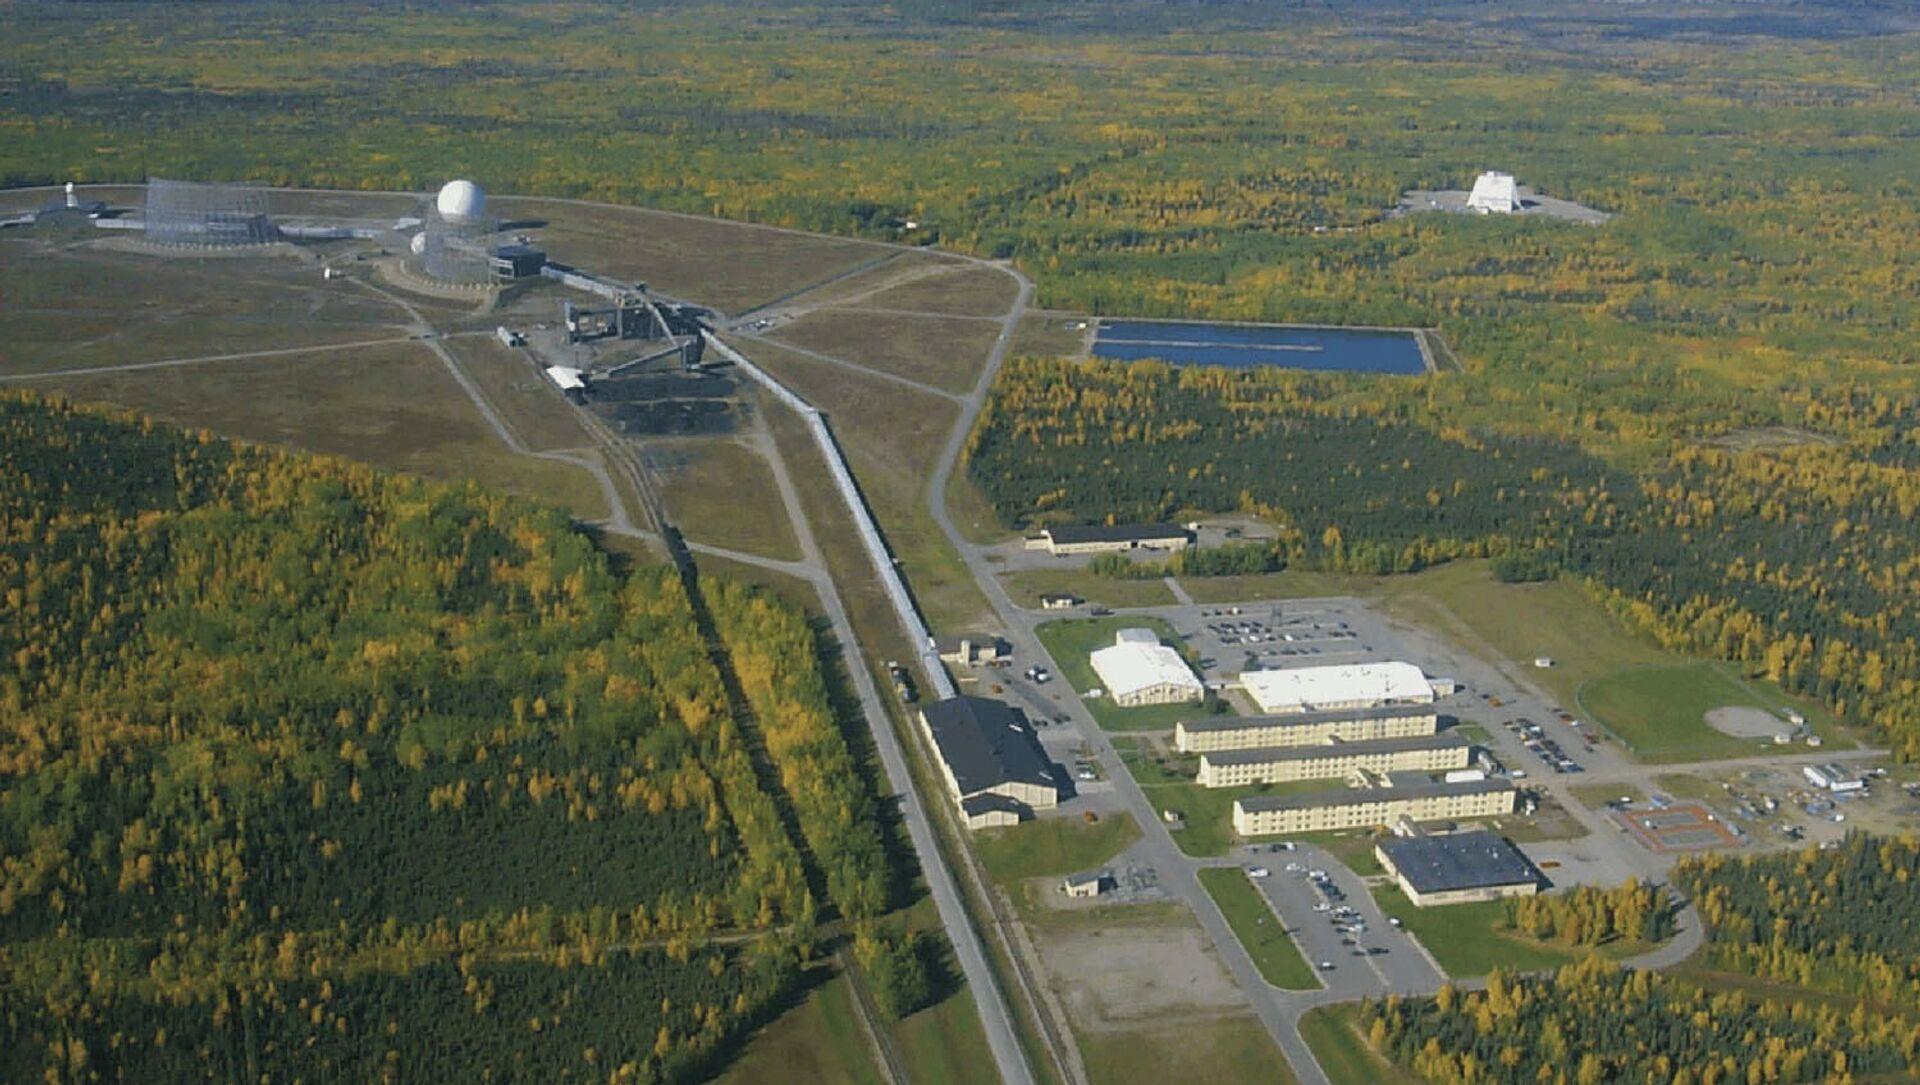 Radarová stanice Clear Air Force Station. - Sputnik Česká republika, 1920, 20.04.2021